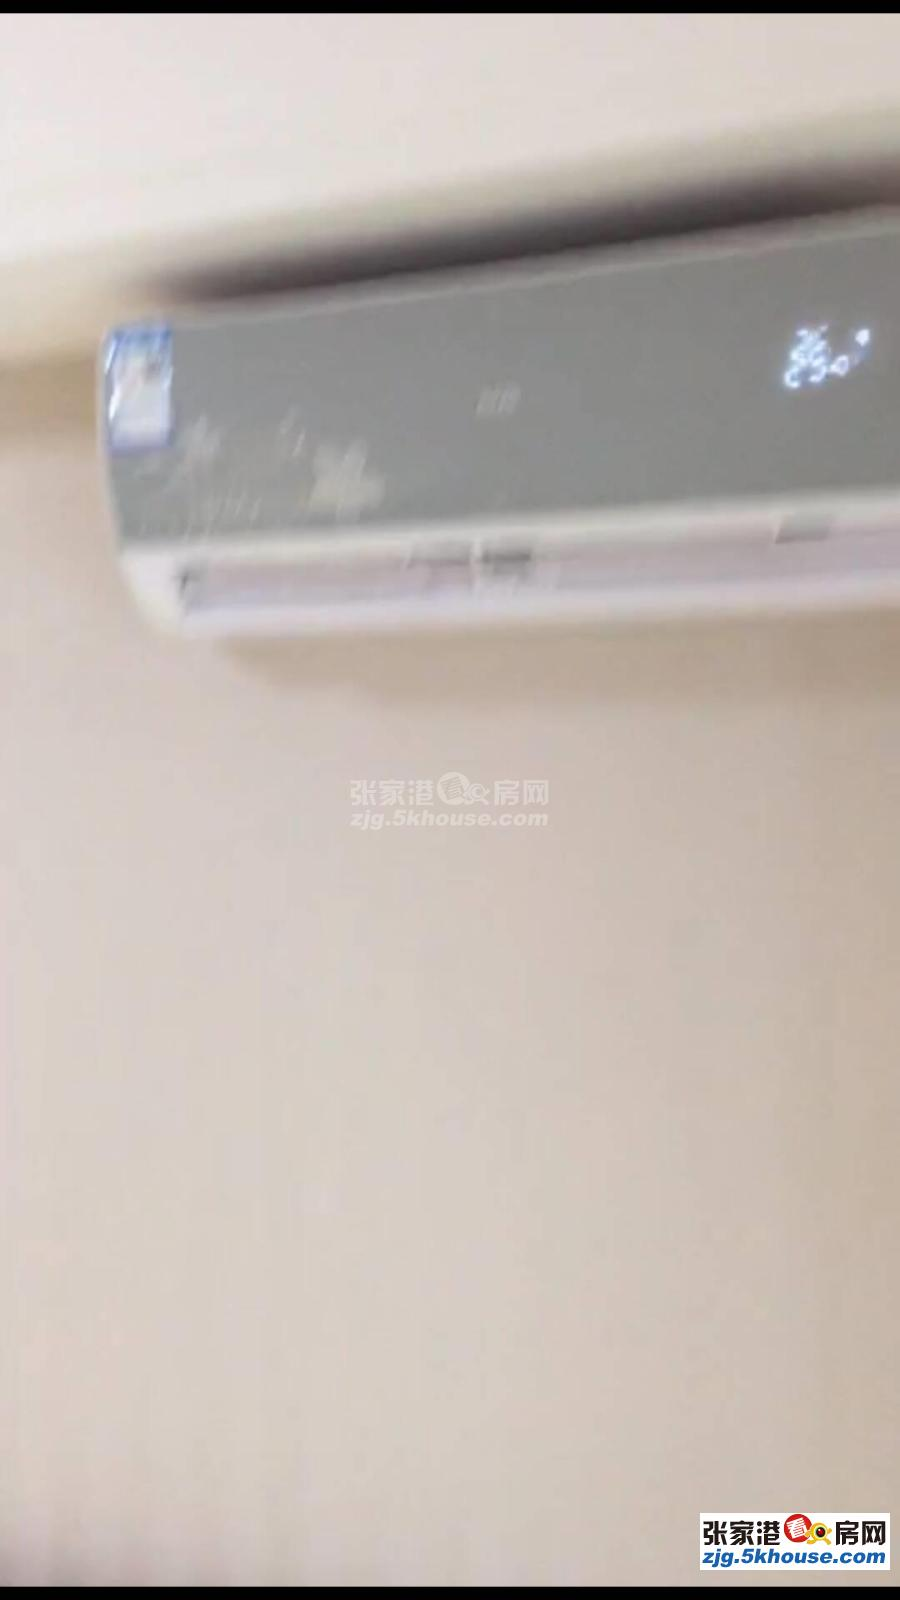 凤凰镇温泉逸墅一室户出租1550一个月。